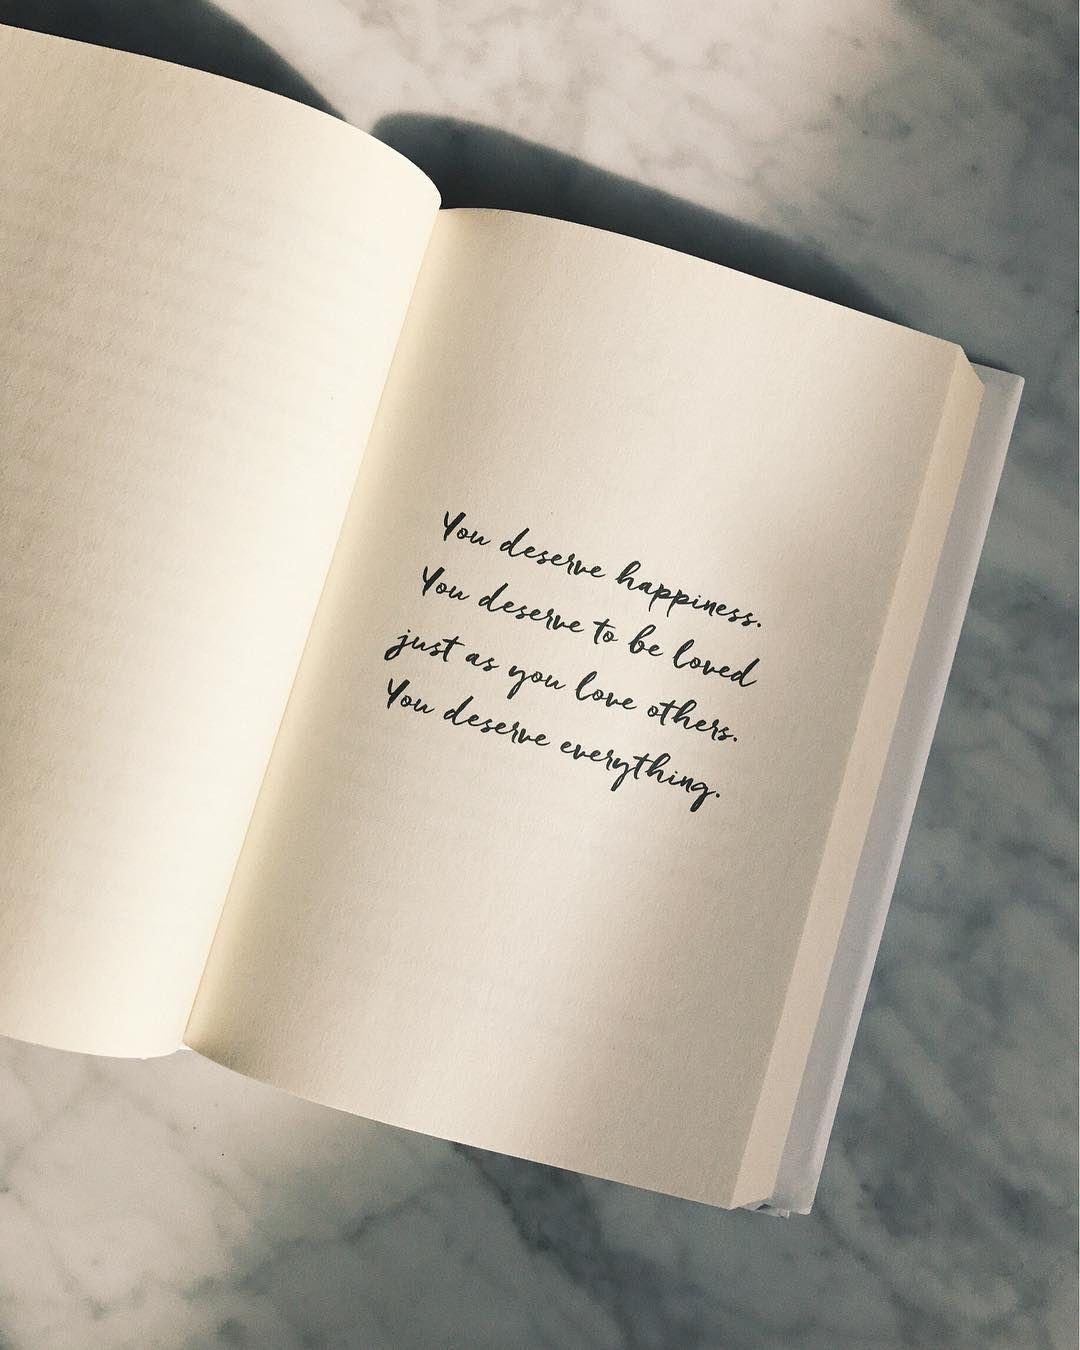 кого пожелание цитатами из книг работа будет